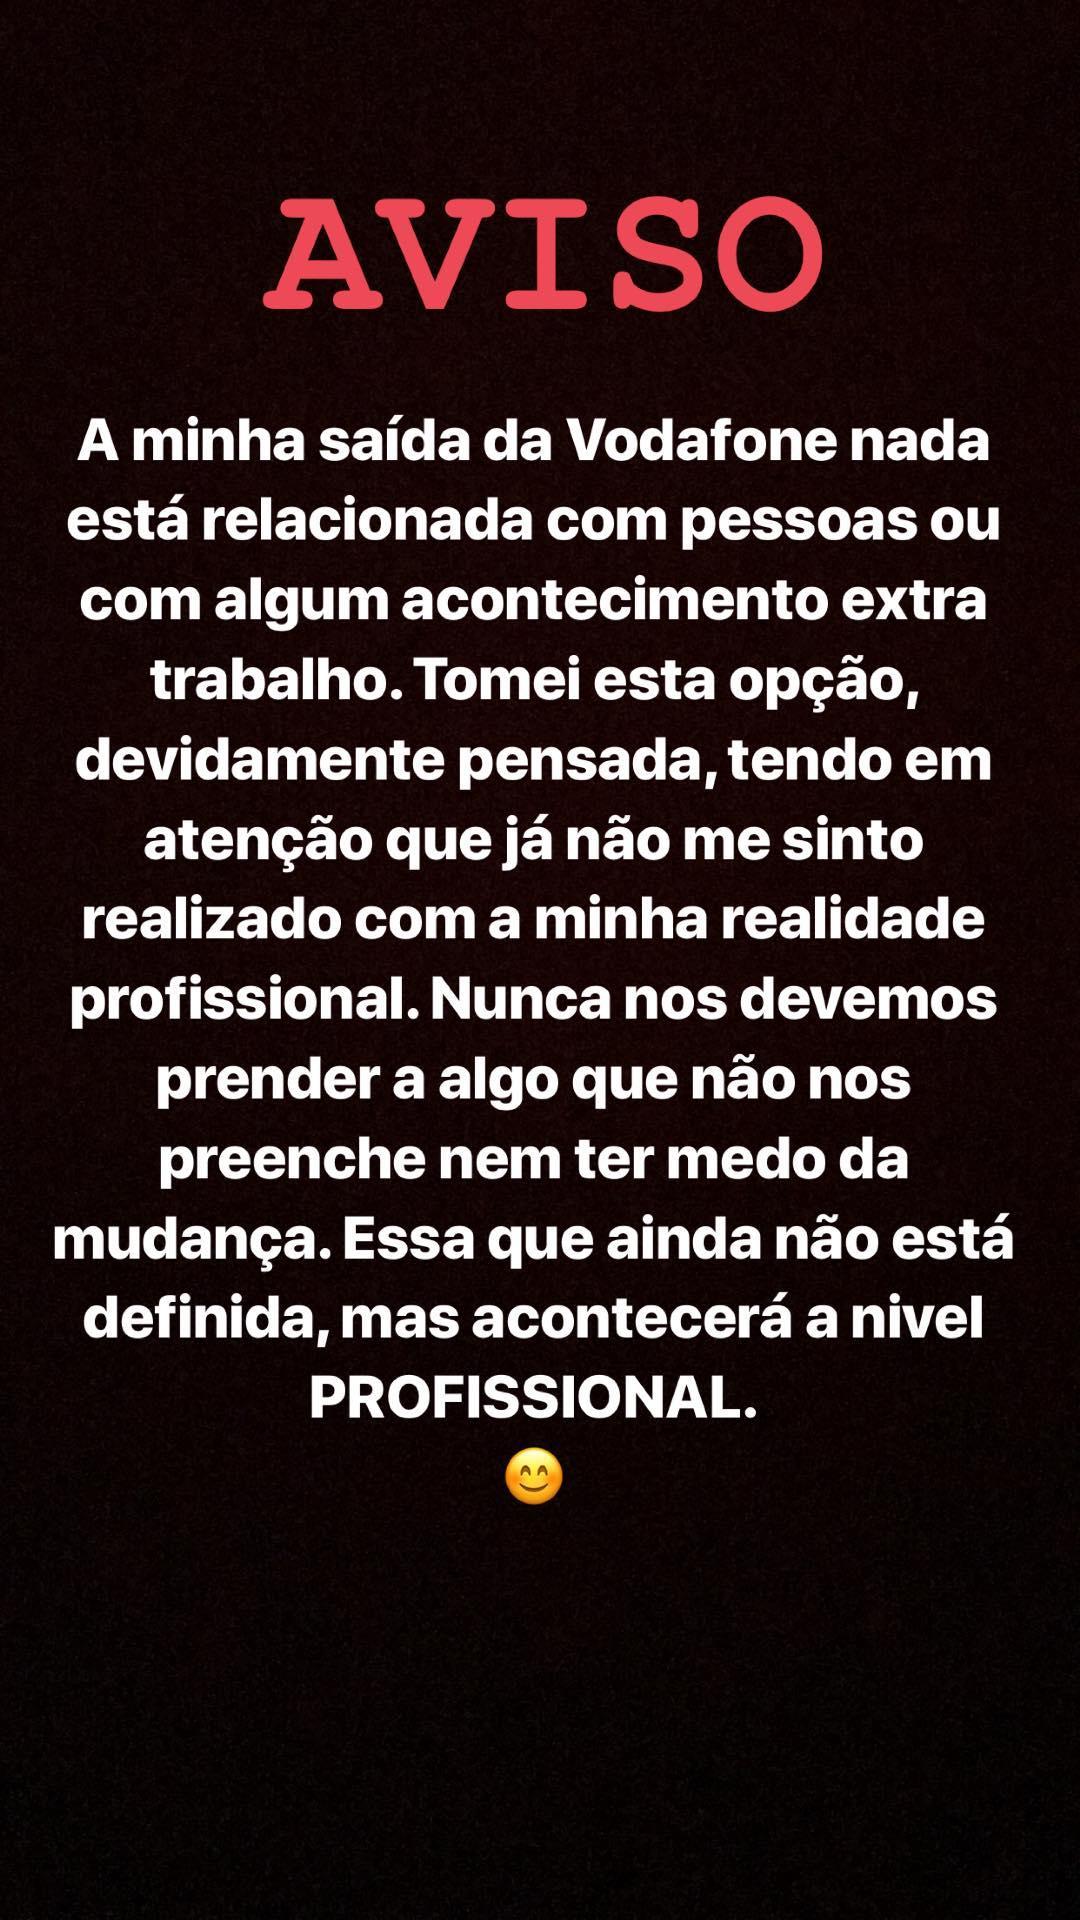 Joao Moreira Trabalho Esclarecimento Depois Do Mal Entendido, João Moreira Deixa Aviso